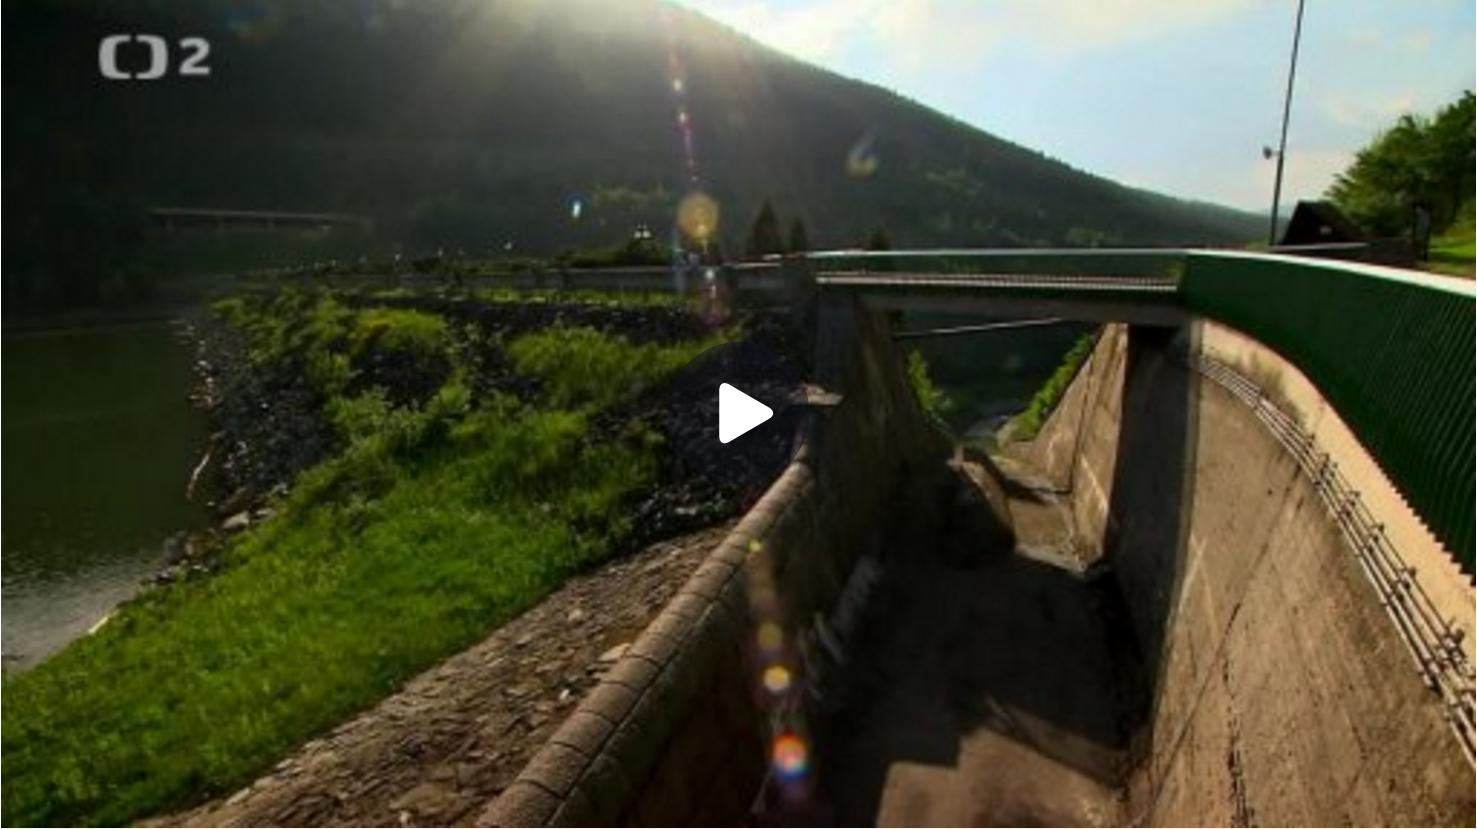 Česko suché, místy mokré - Nedej se (ČT)